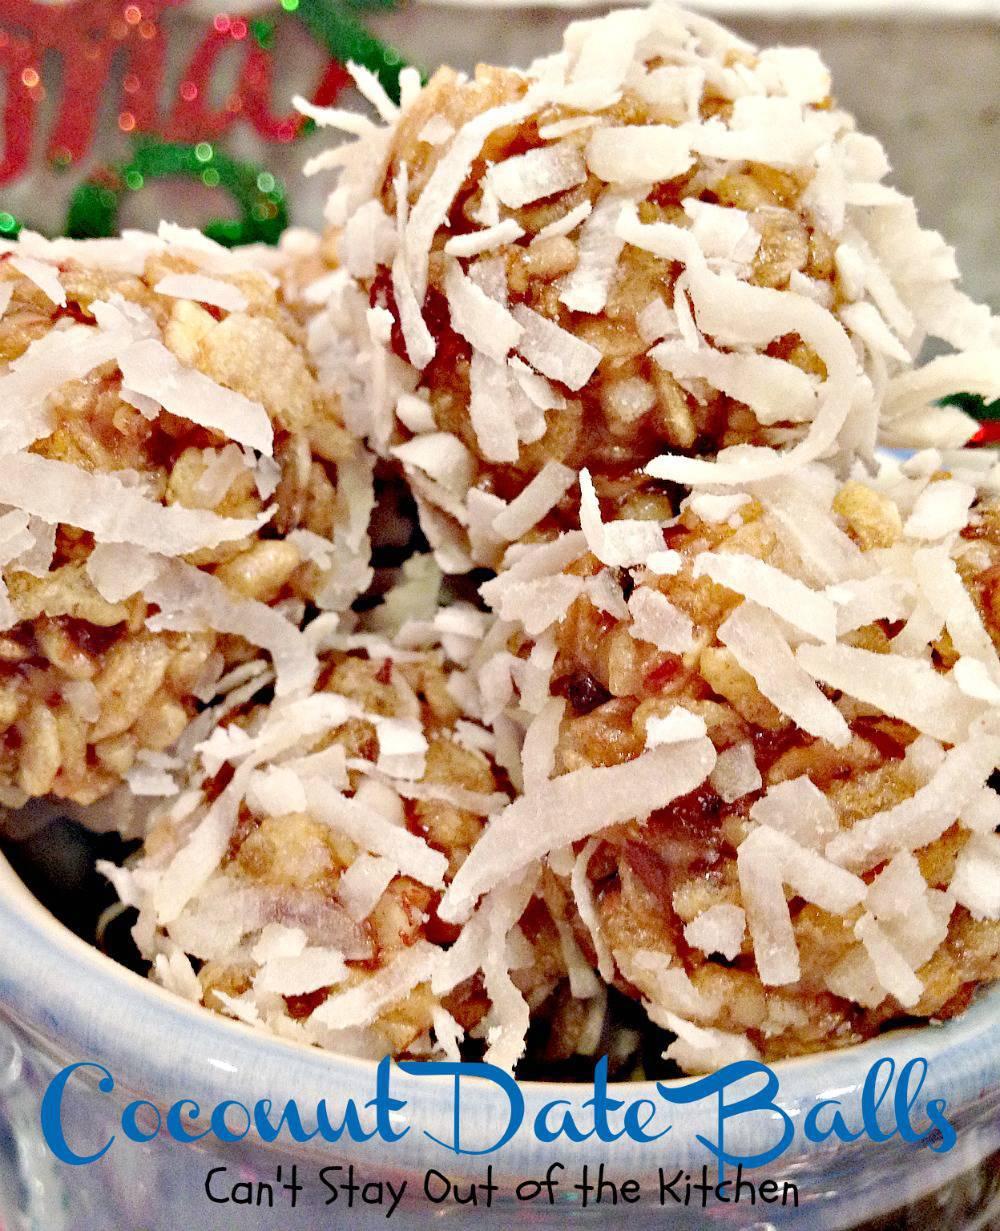 Coconut Date Balls | RecipesPlus